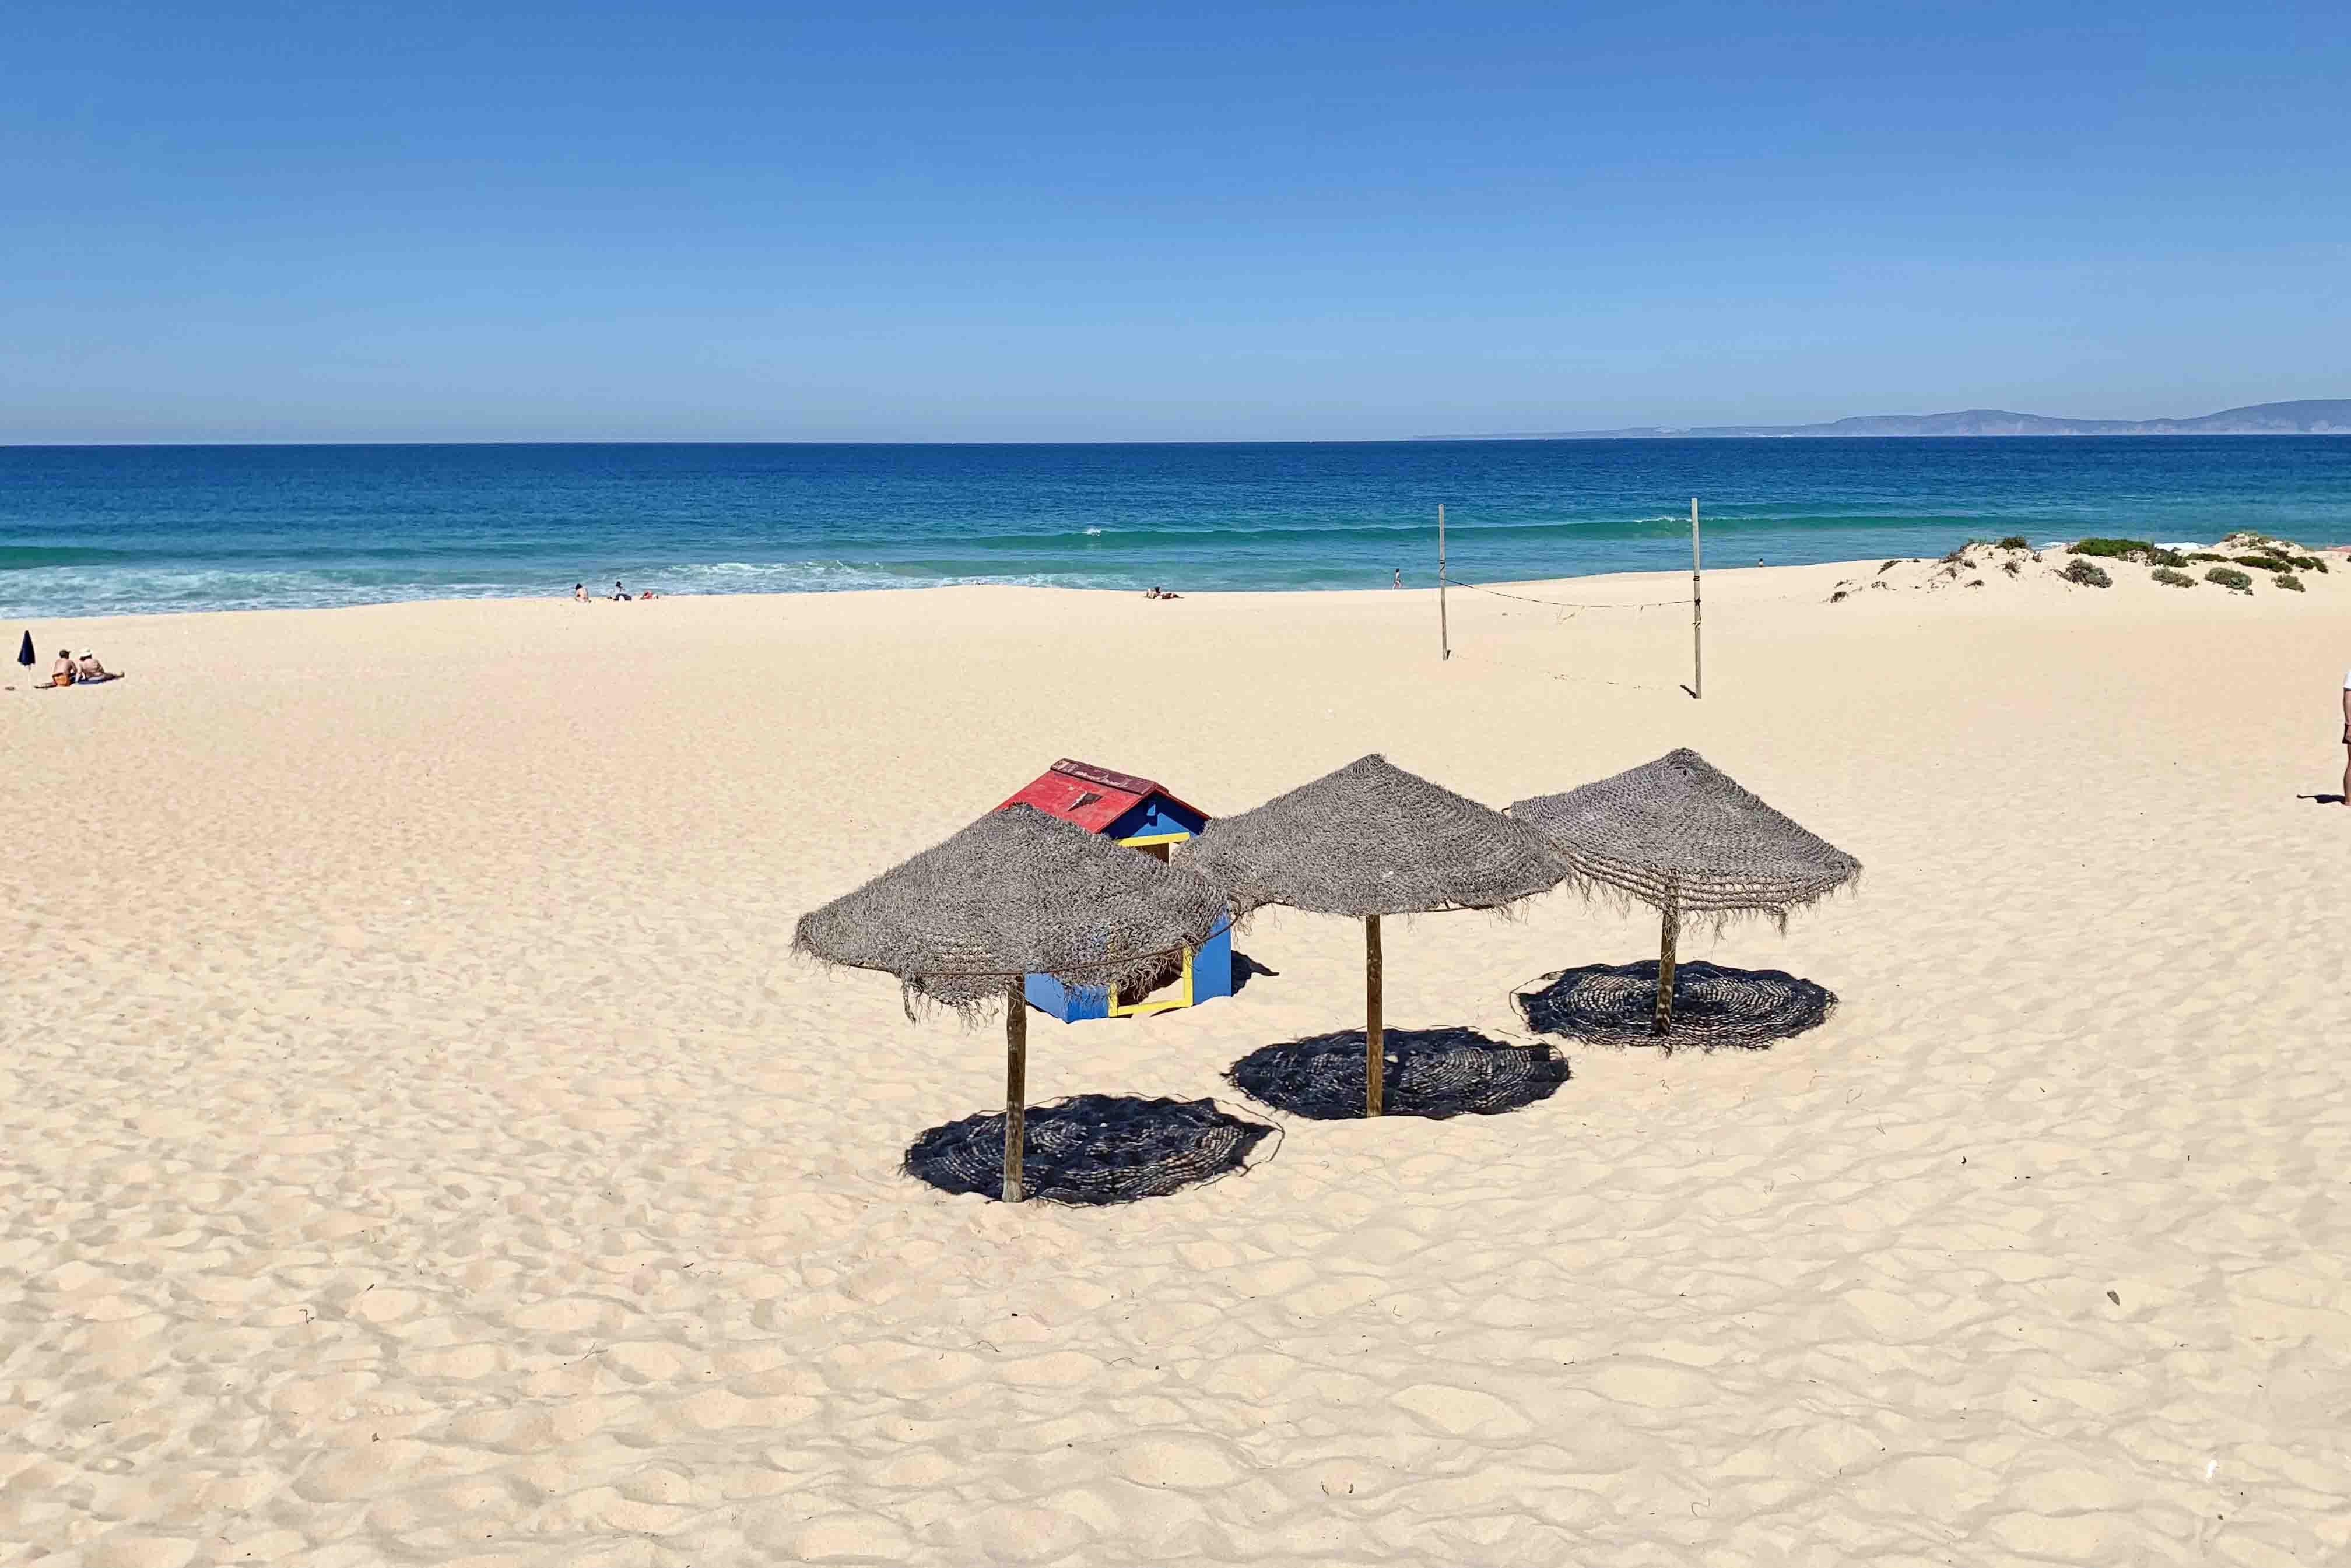 Dicas da Comporta Portugal - Praia do Carvalhal